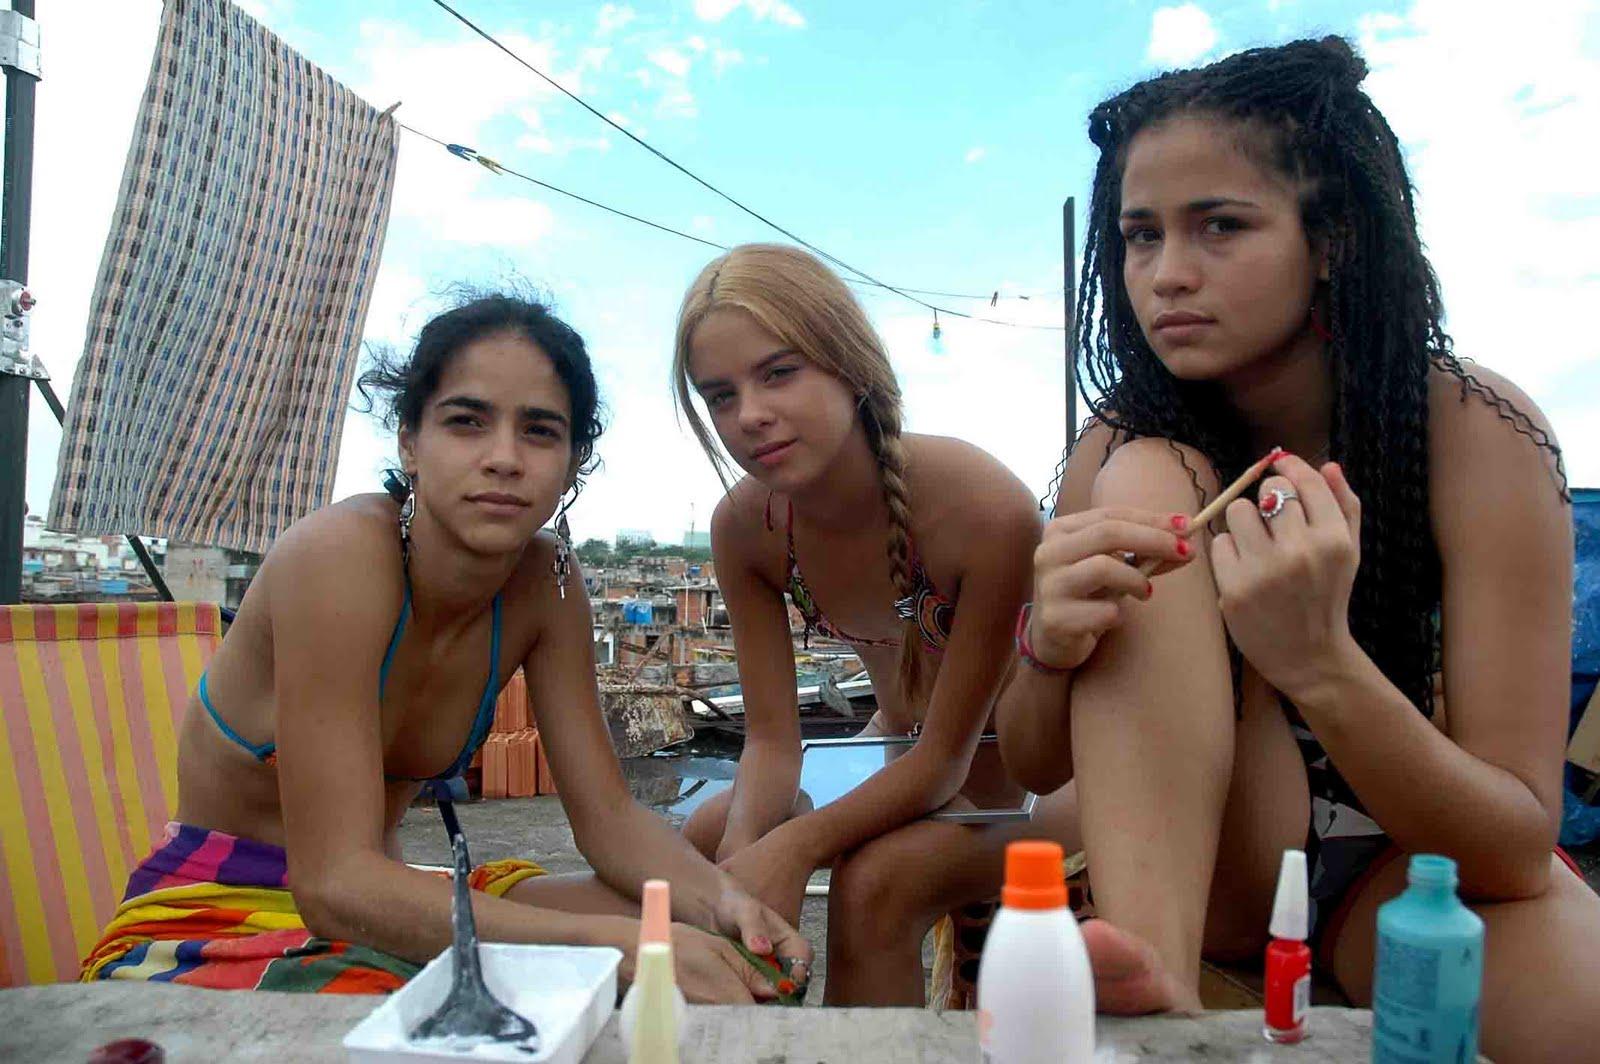 Sabrina, Daiane e Jéssica: na falta de presenças femininas adultas, elas são a principal referência umas das outras.